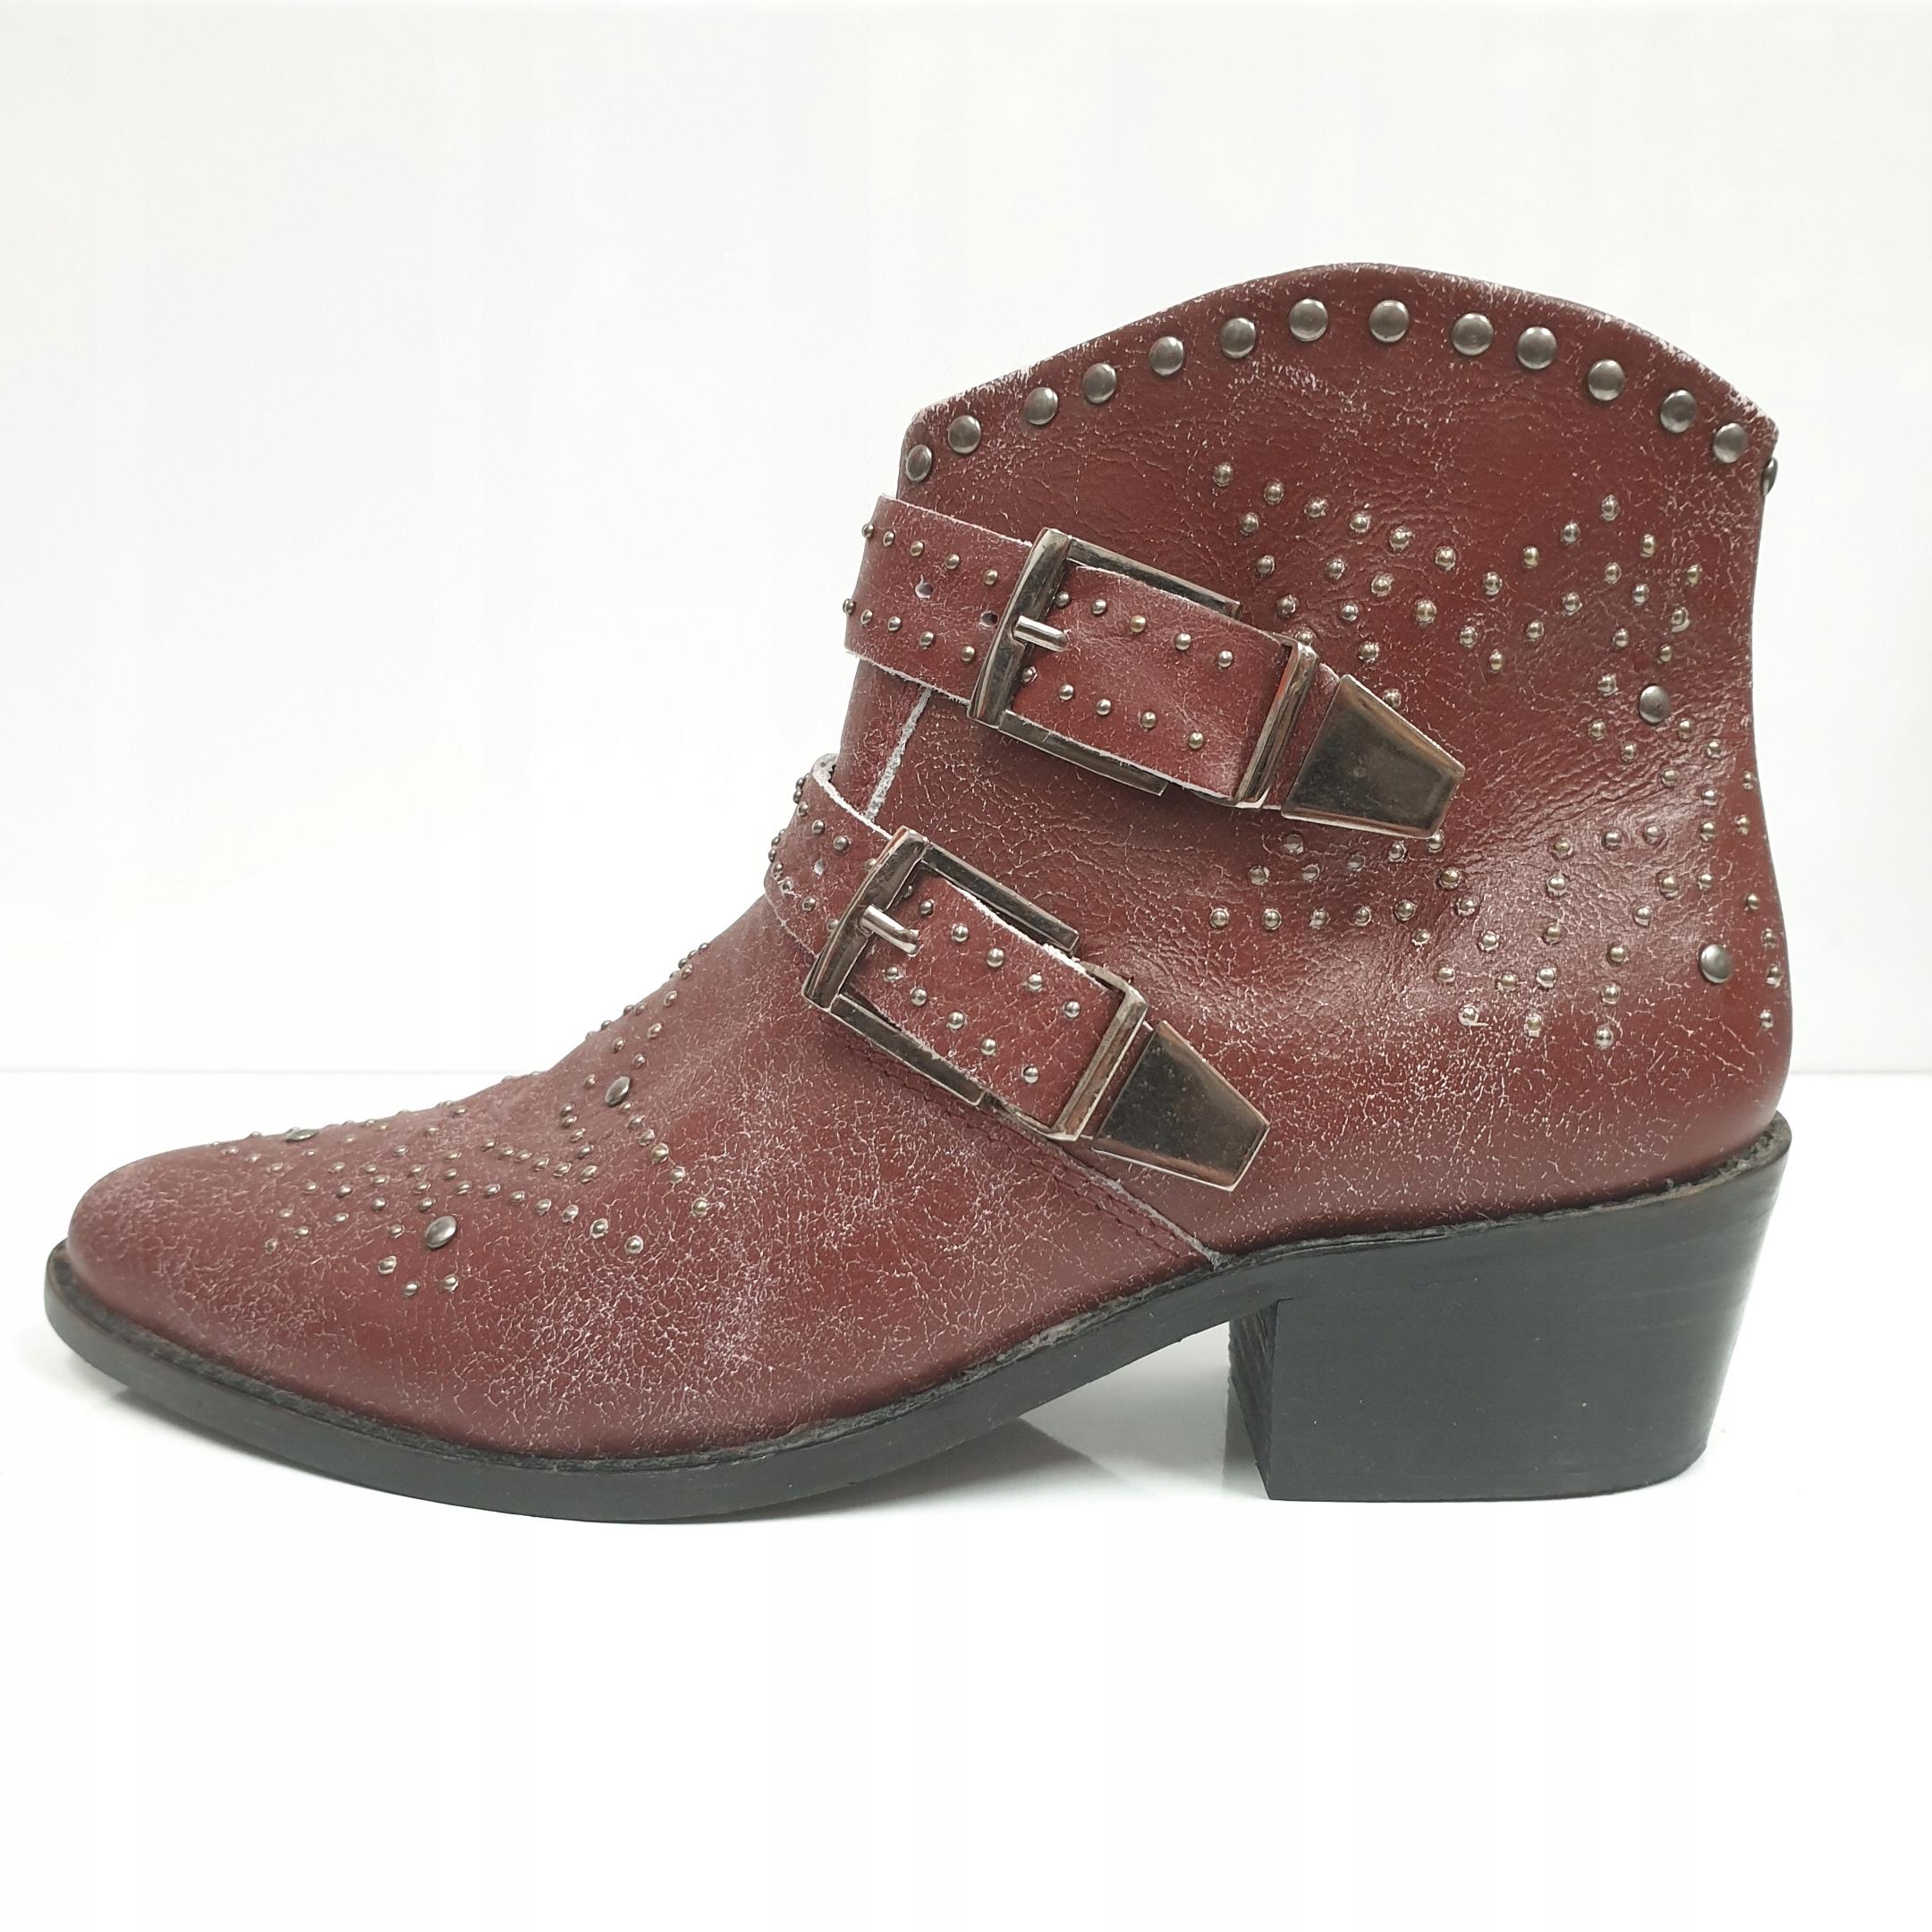 Topánky dámske topánky VINTAGE7 37